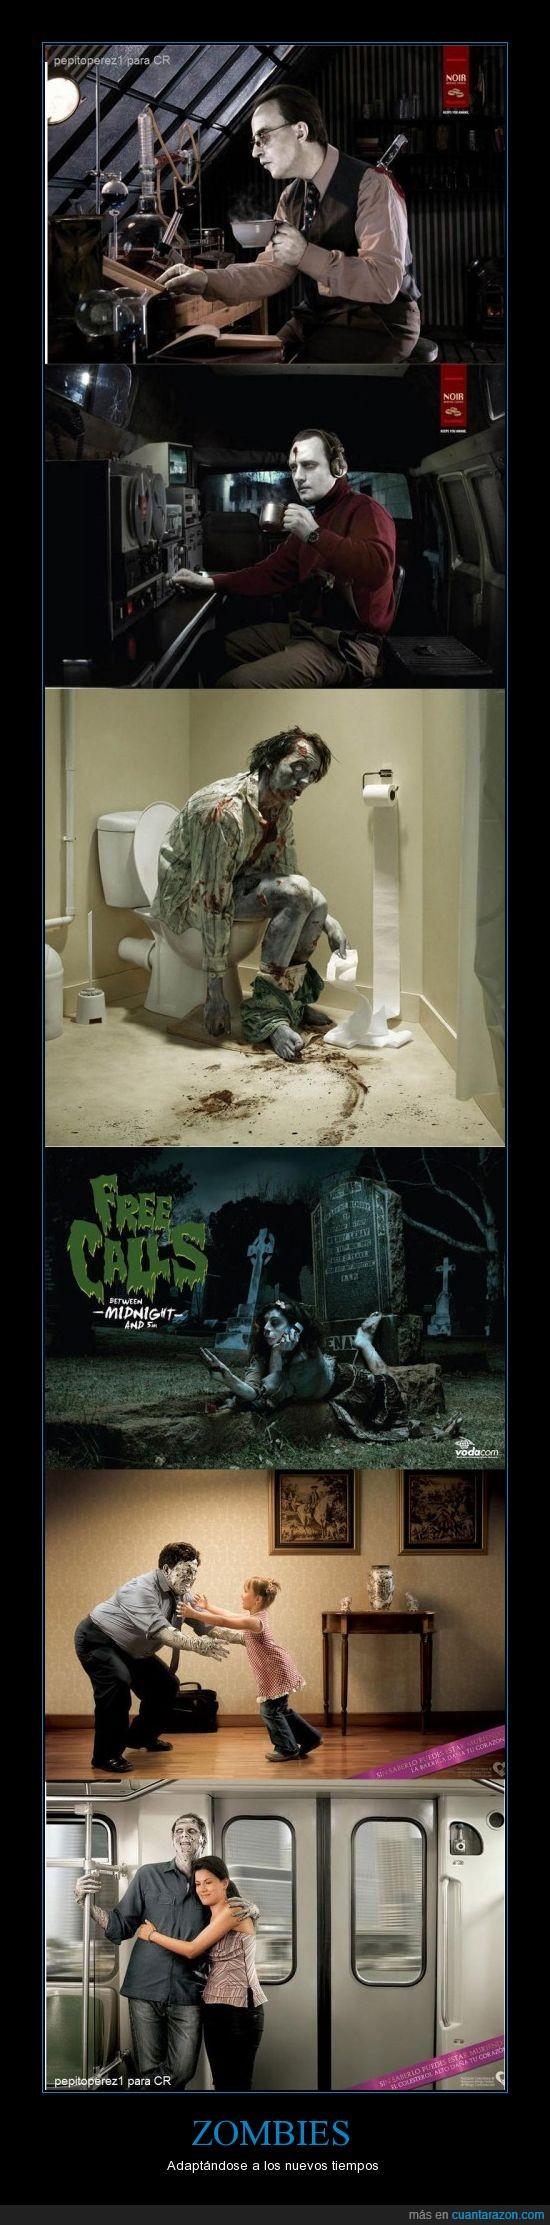 cerebros,muerte,no se me ocurre mas nada,se aburrieron de vagar y comer cerebros,vida,vida social,zombies